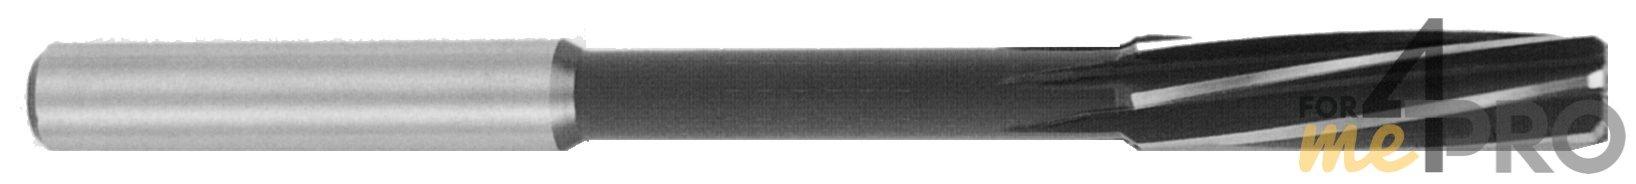 Alésoir machine avec queue cylindrique et goujures hélicoïdales